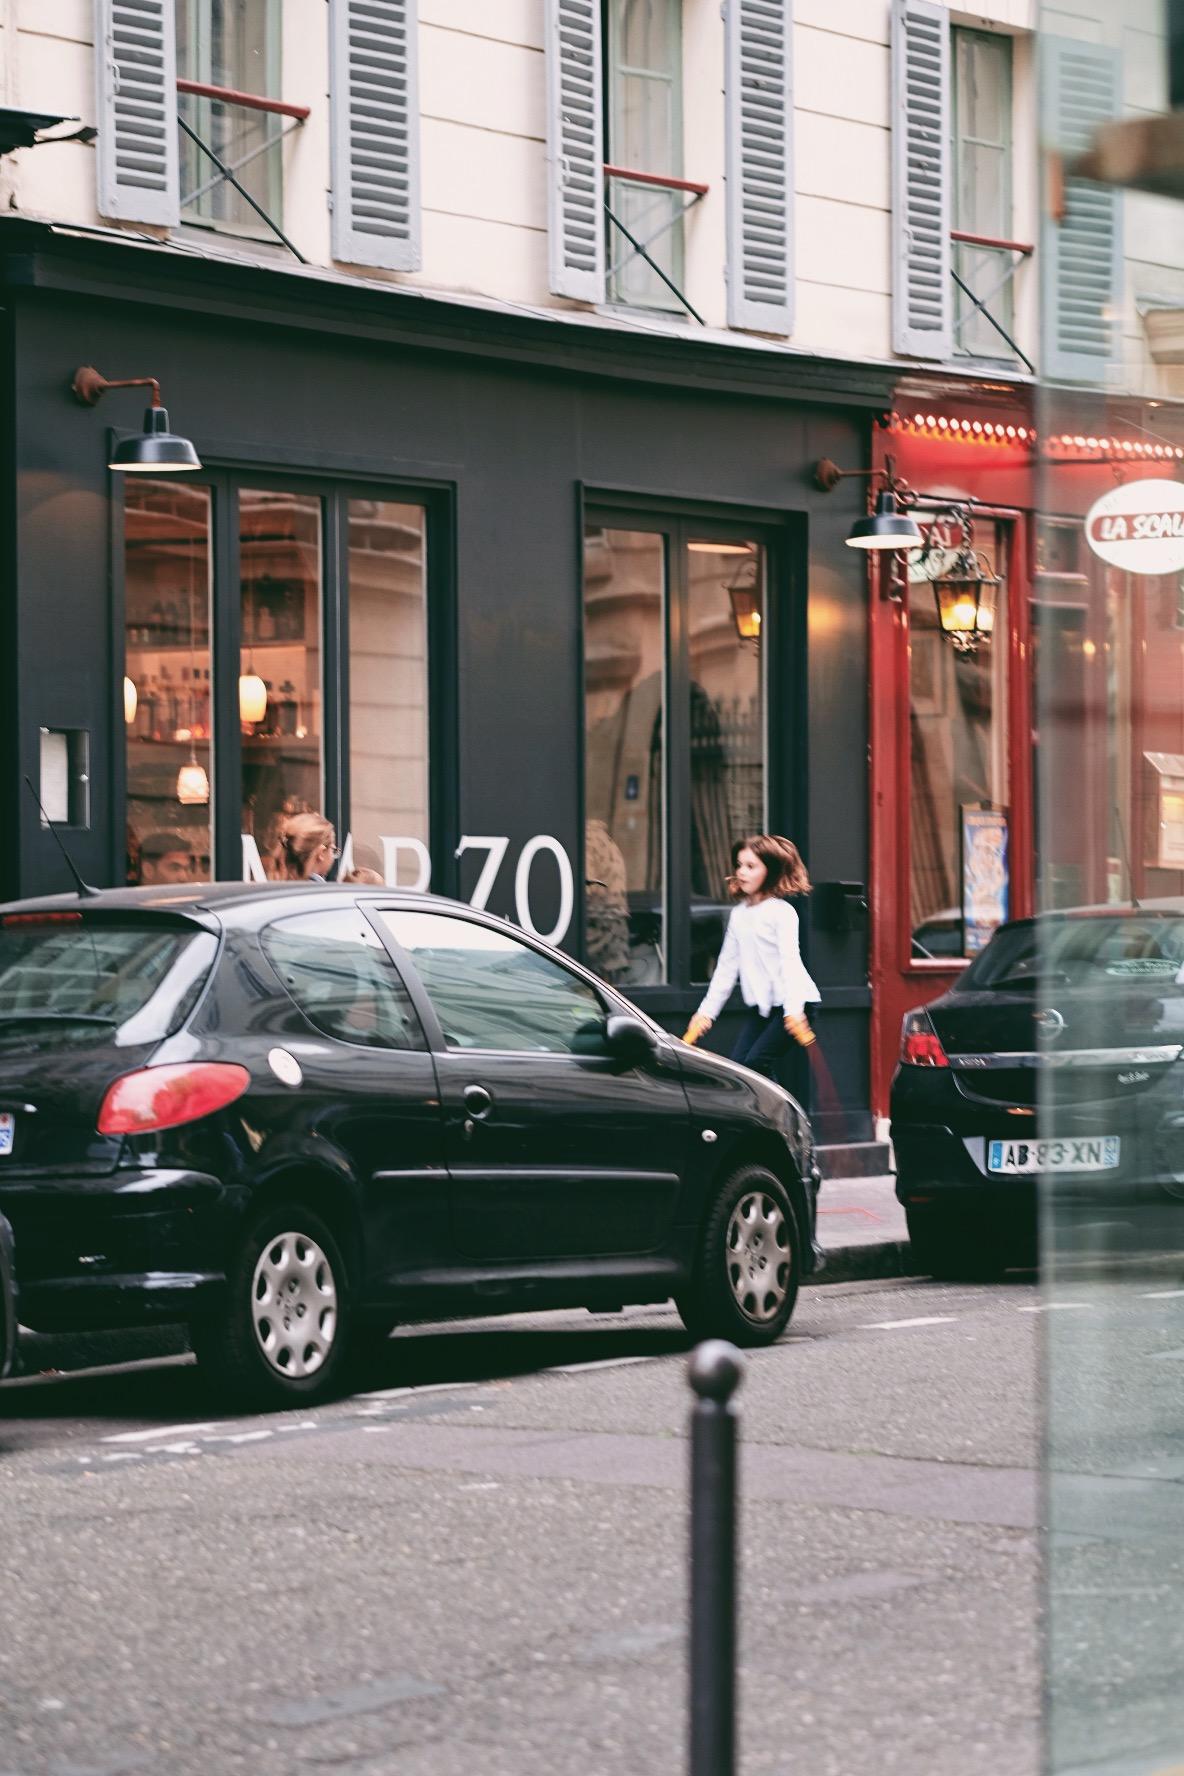 ST. GERMAINE, PARIS, FRANCE